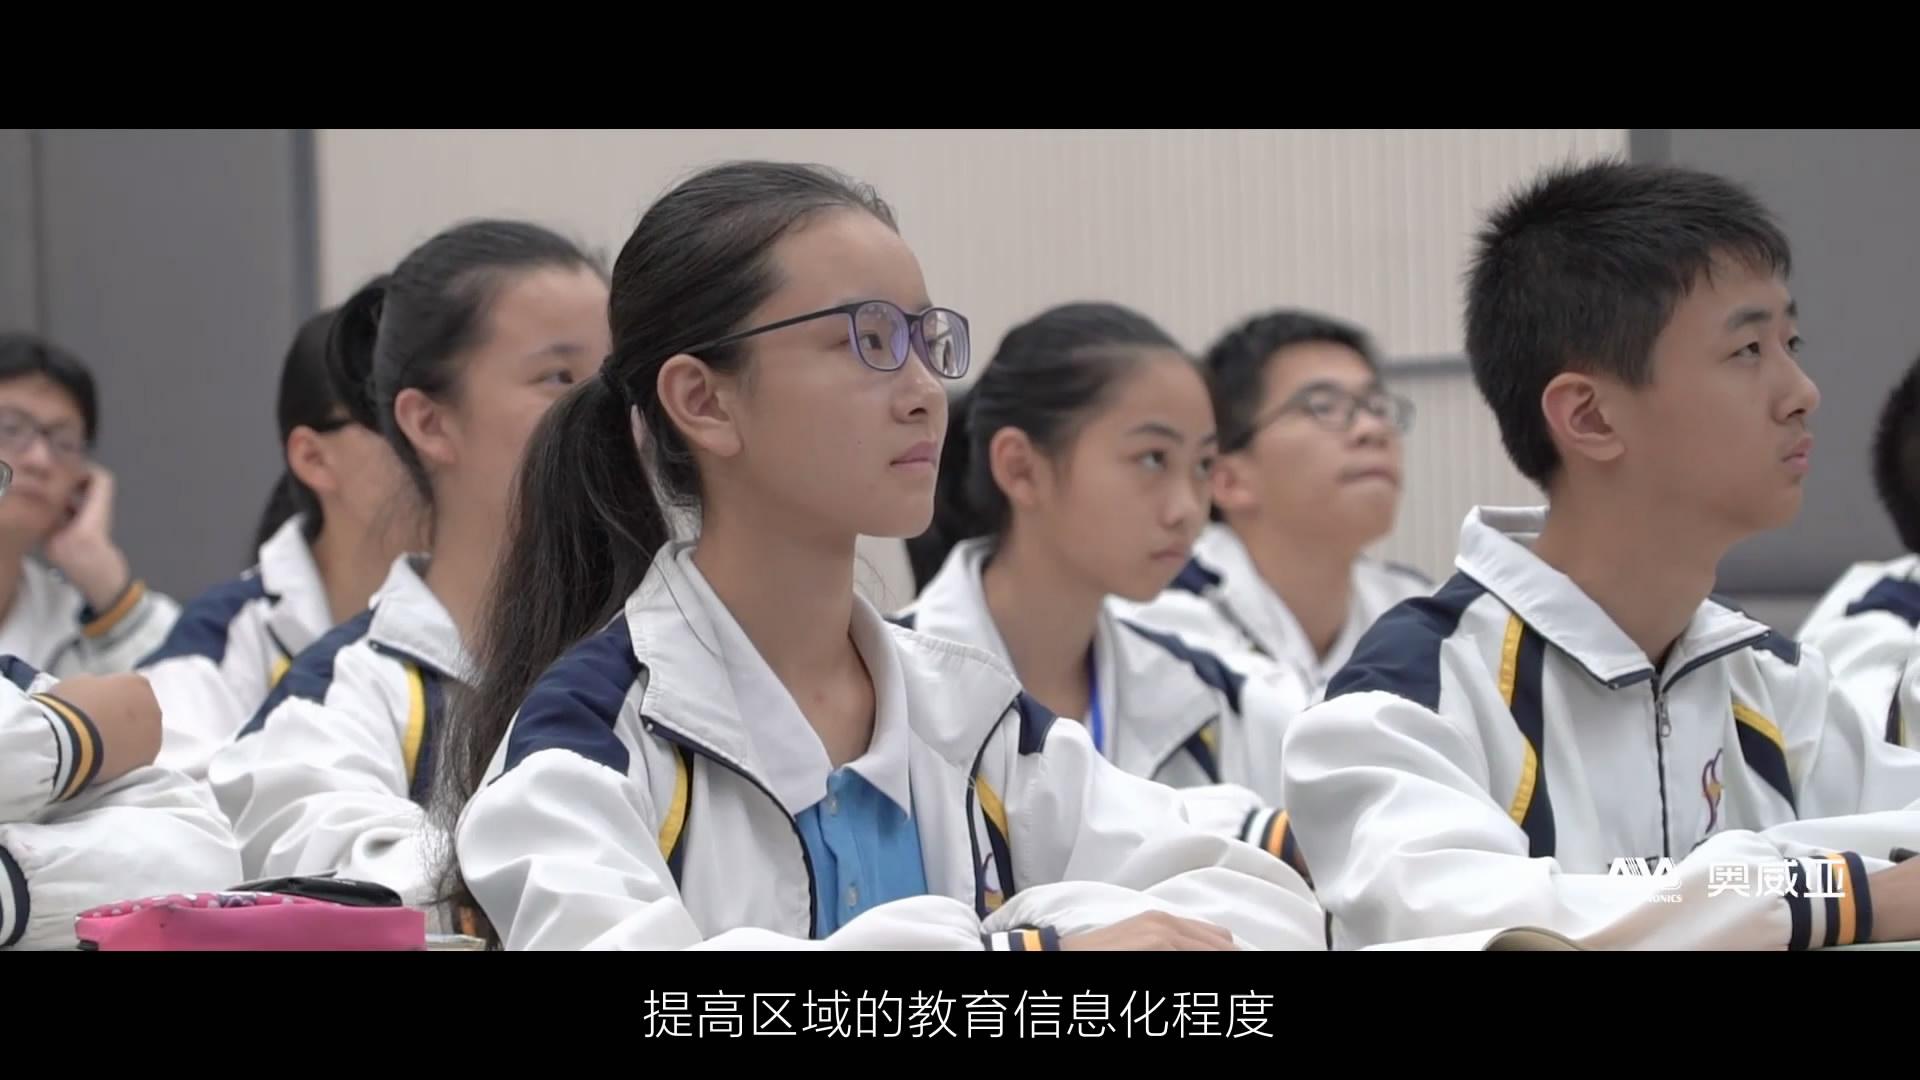 区域教育视频应用常态化落地——柯桥